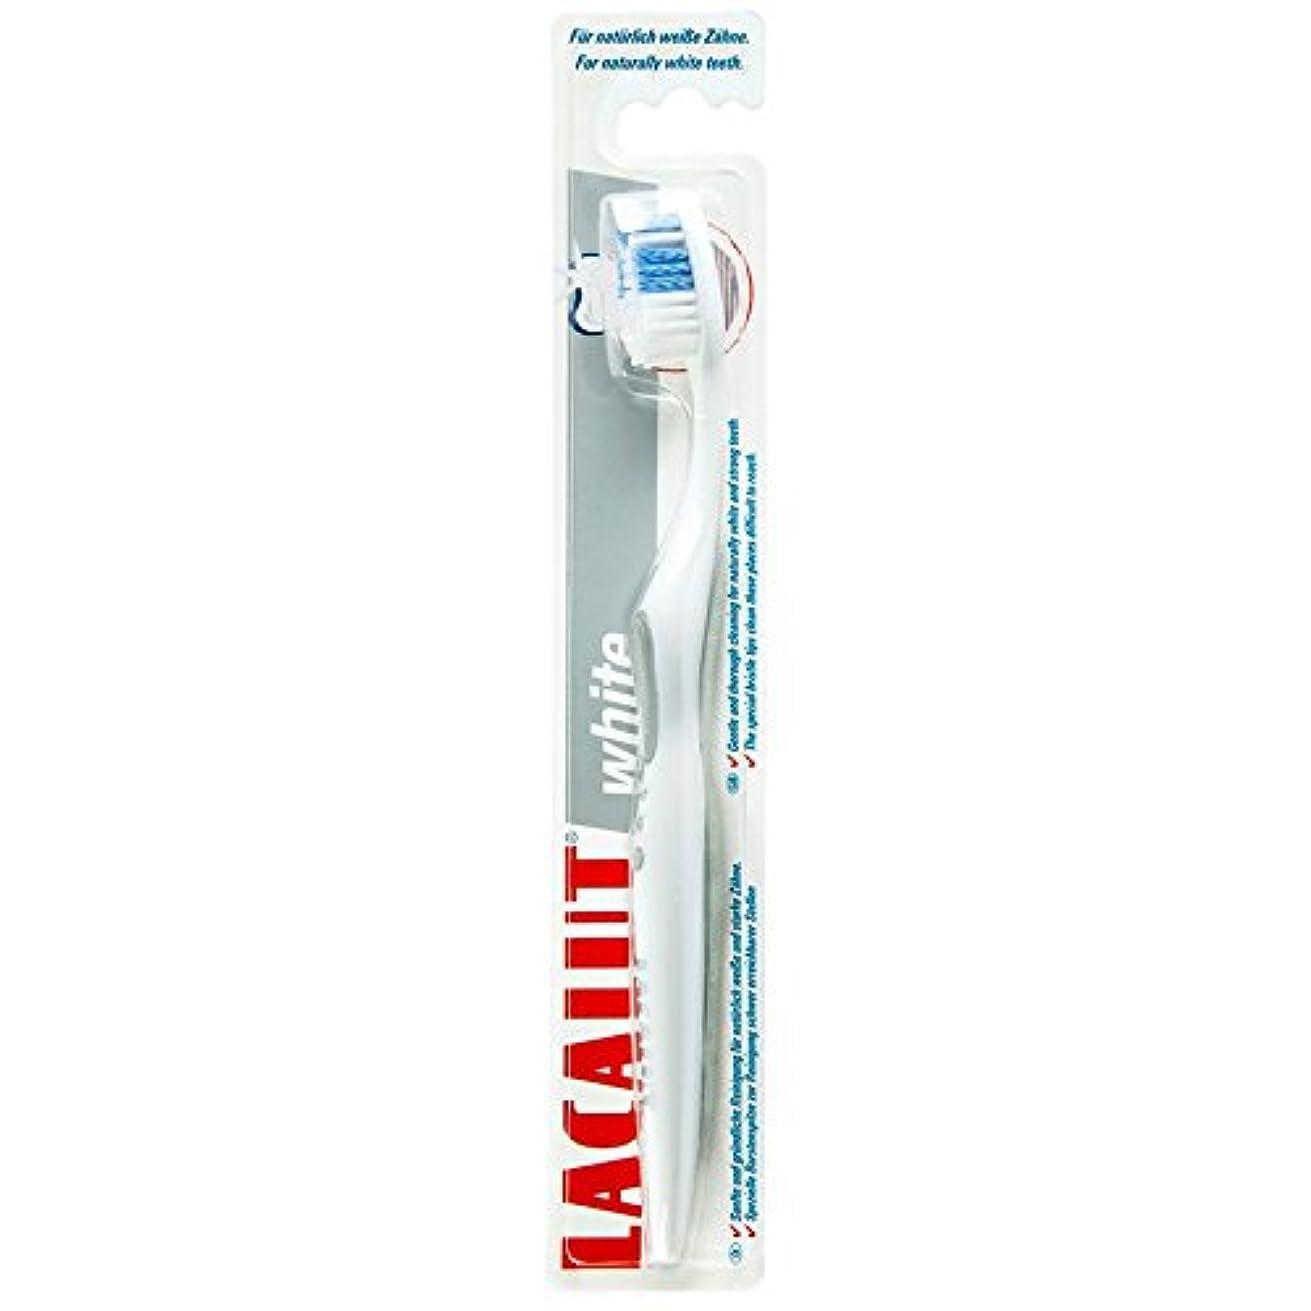 メーカーつまらない石鹸6本セット Lacalut white toothbrush 歯ブラシ【並行輸入品】